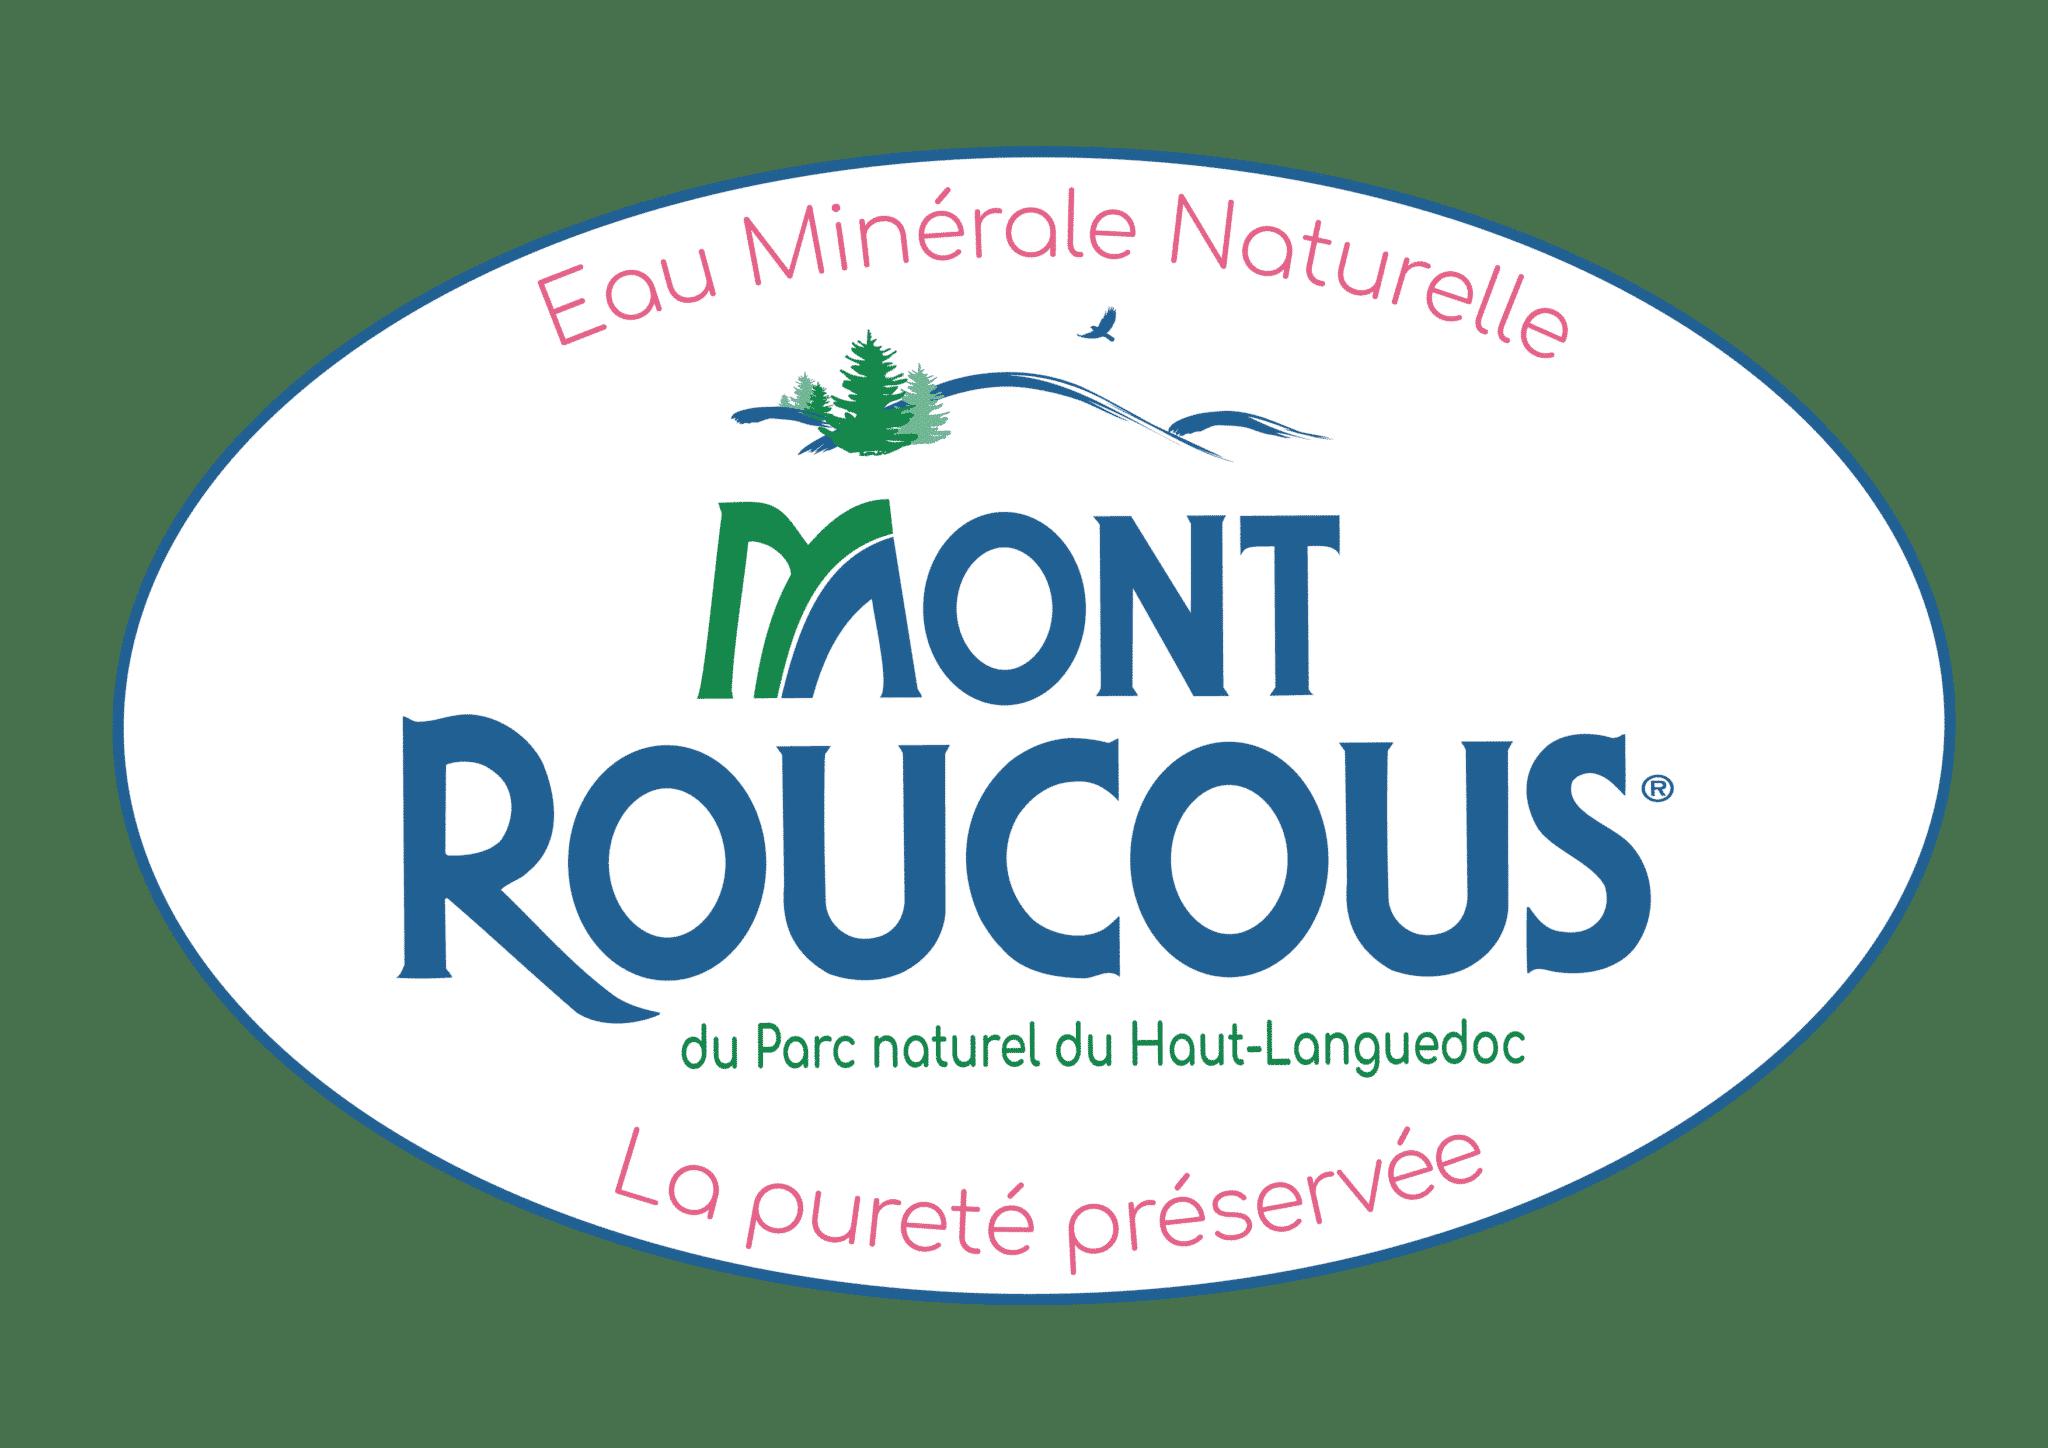 Mont Roucous